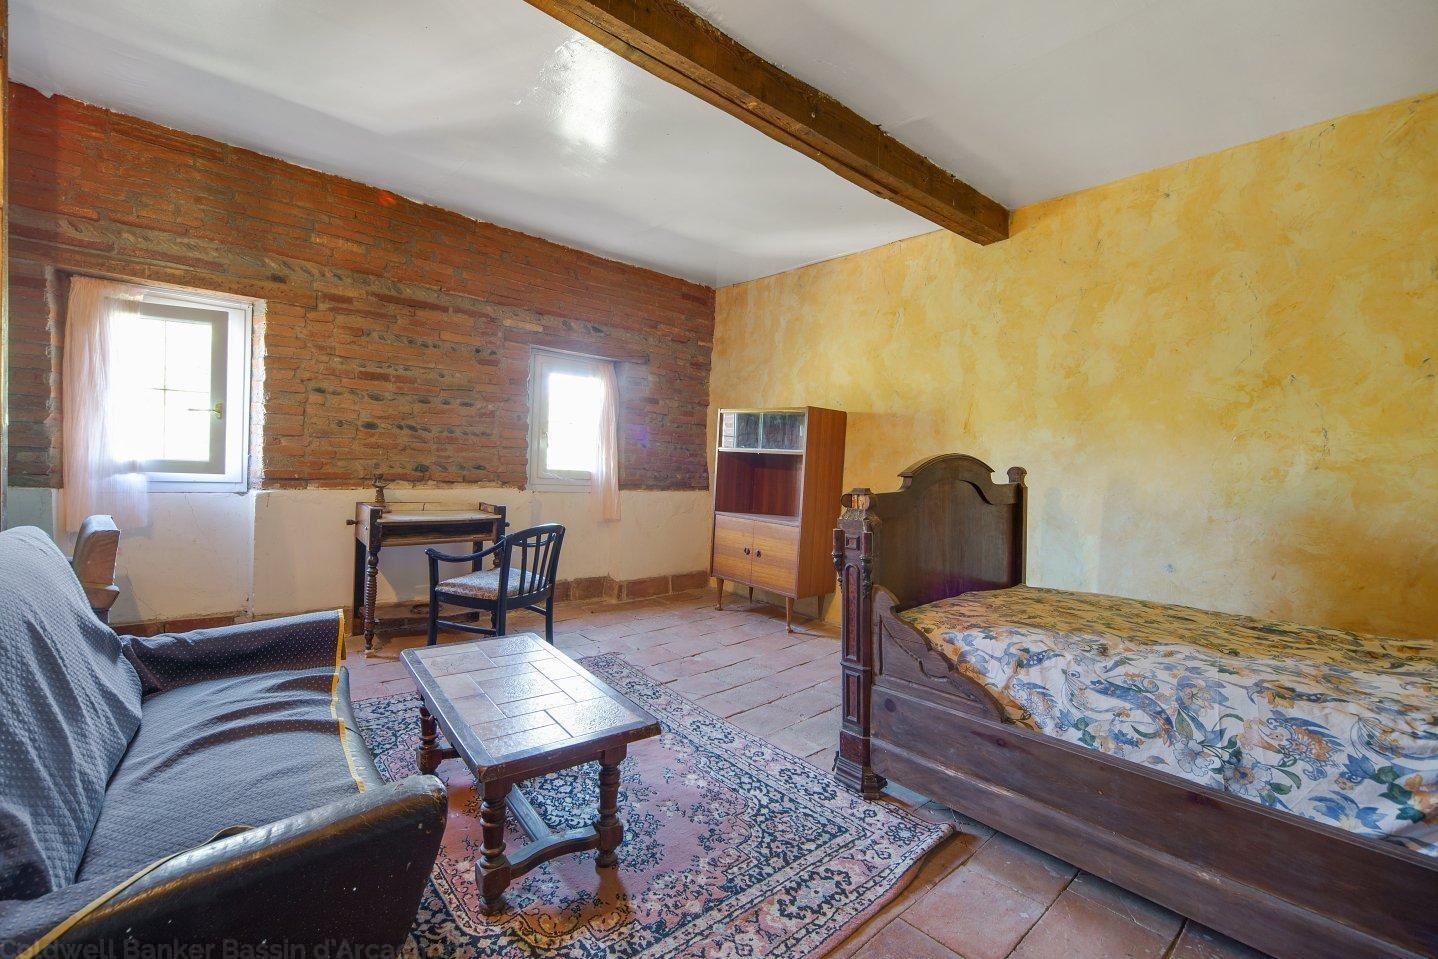 Vente propriété idéale activité chambres d'hôtes proche de toulouse merville